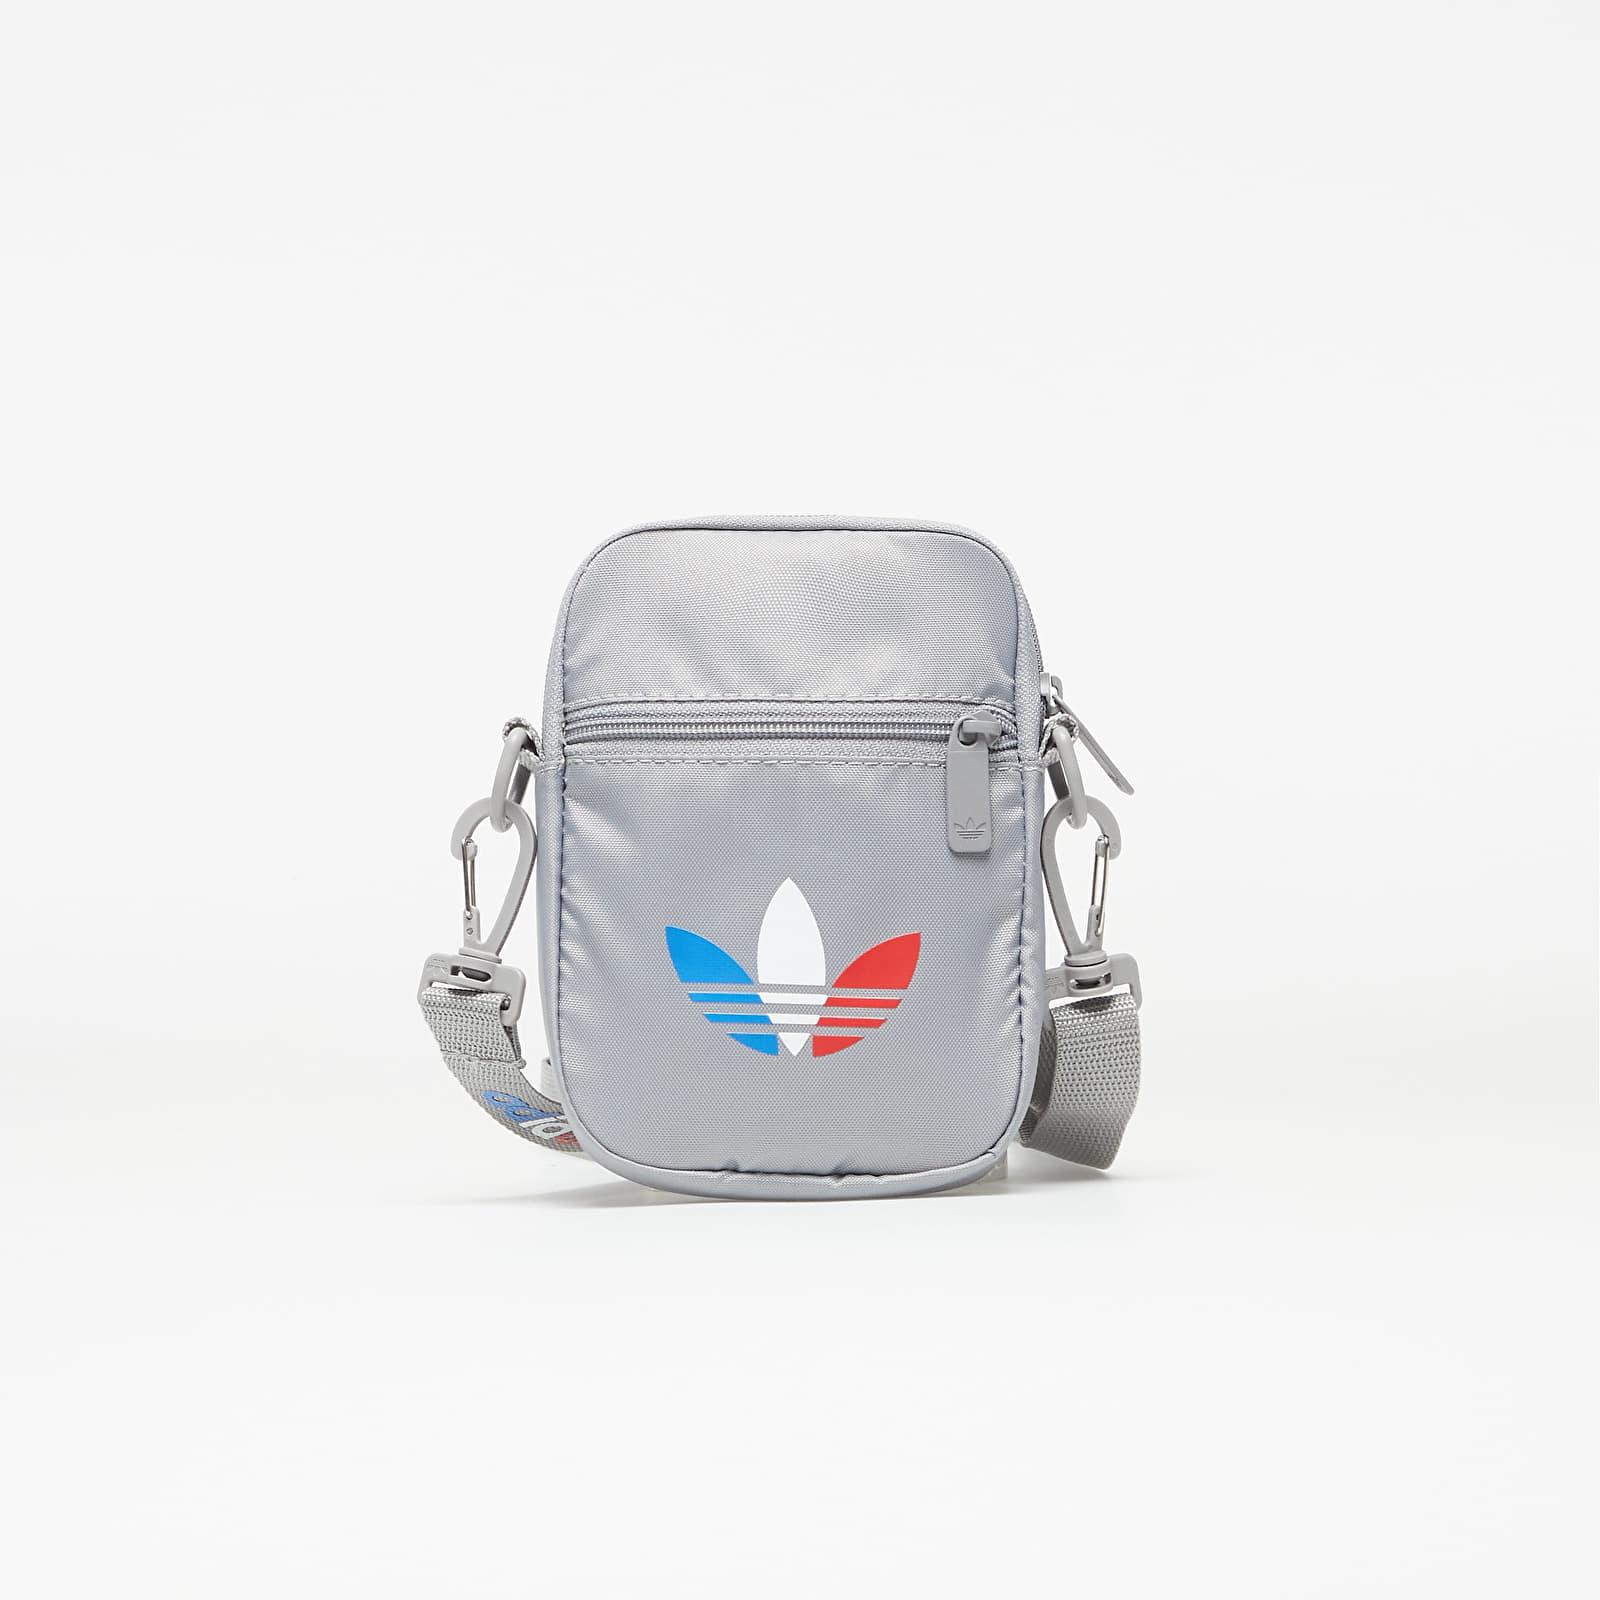 adidas Originals Adicolor Tricolor Festival Bag Mgh Solid Grey Universal